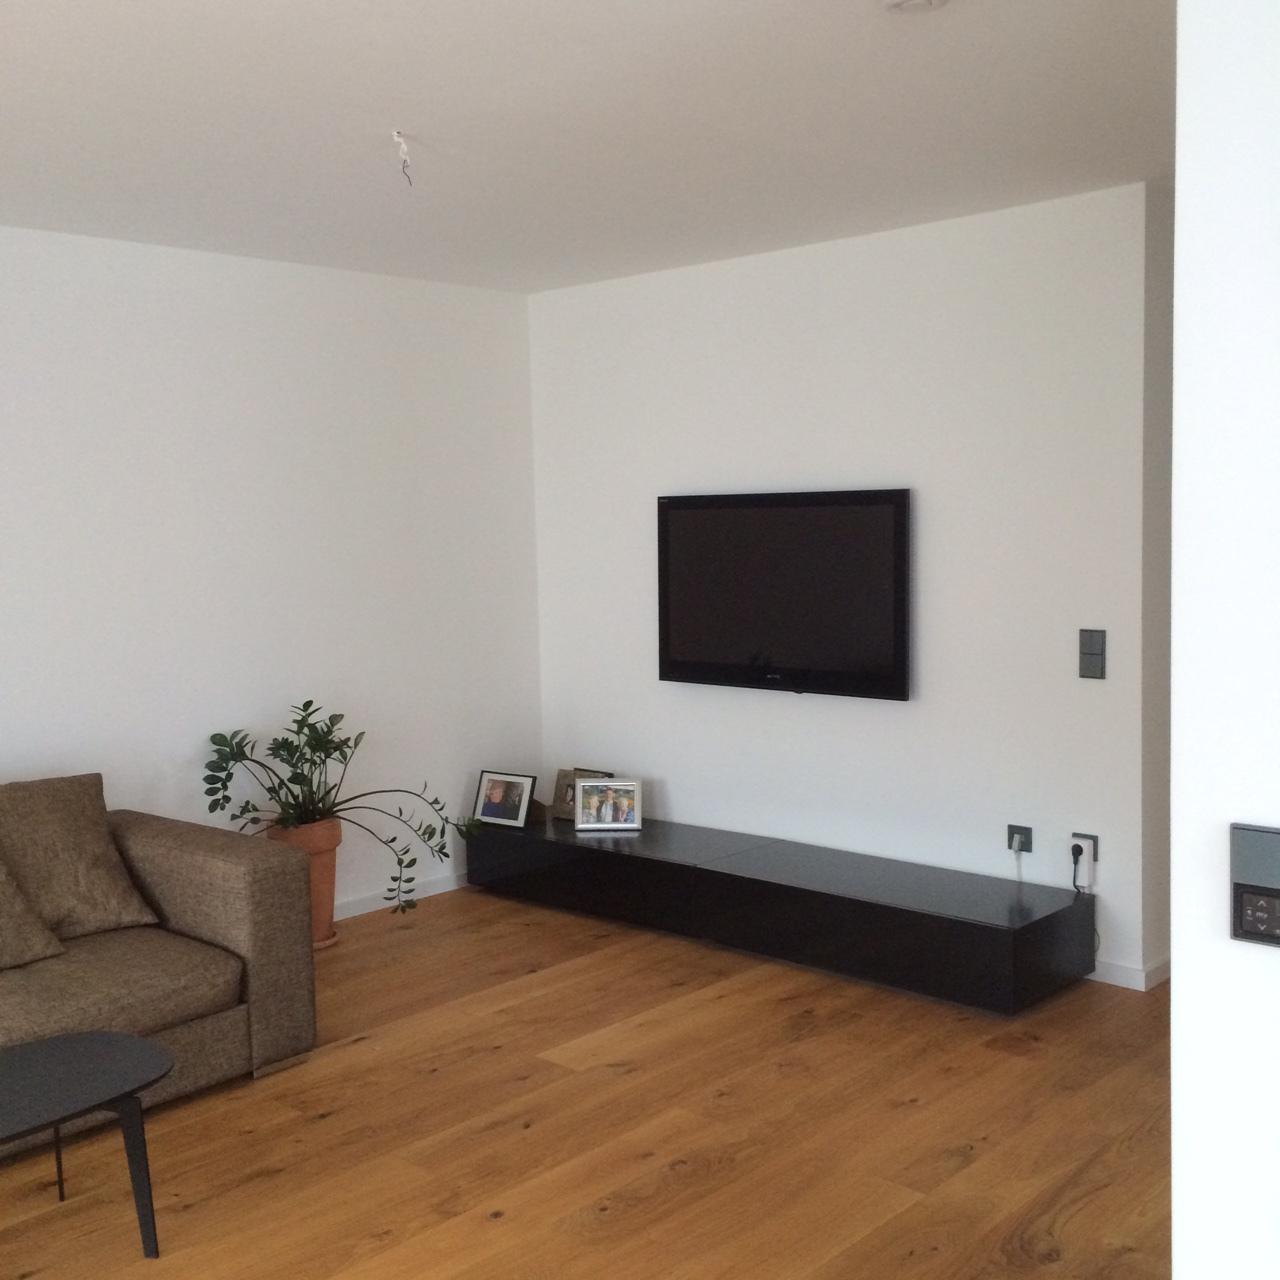 wohnzimmer esszimmer wohnzimmeresszimmer hifi bildergalerie. Black Bedroom Furniture Sets. Home Design Ideas